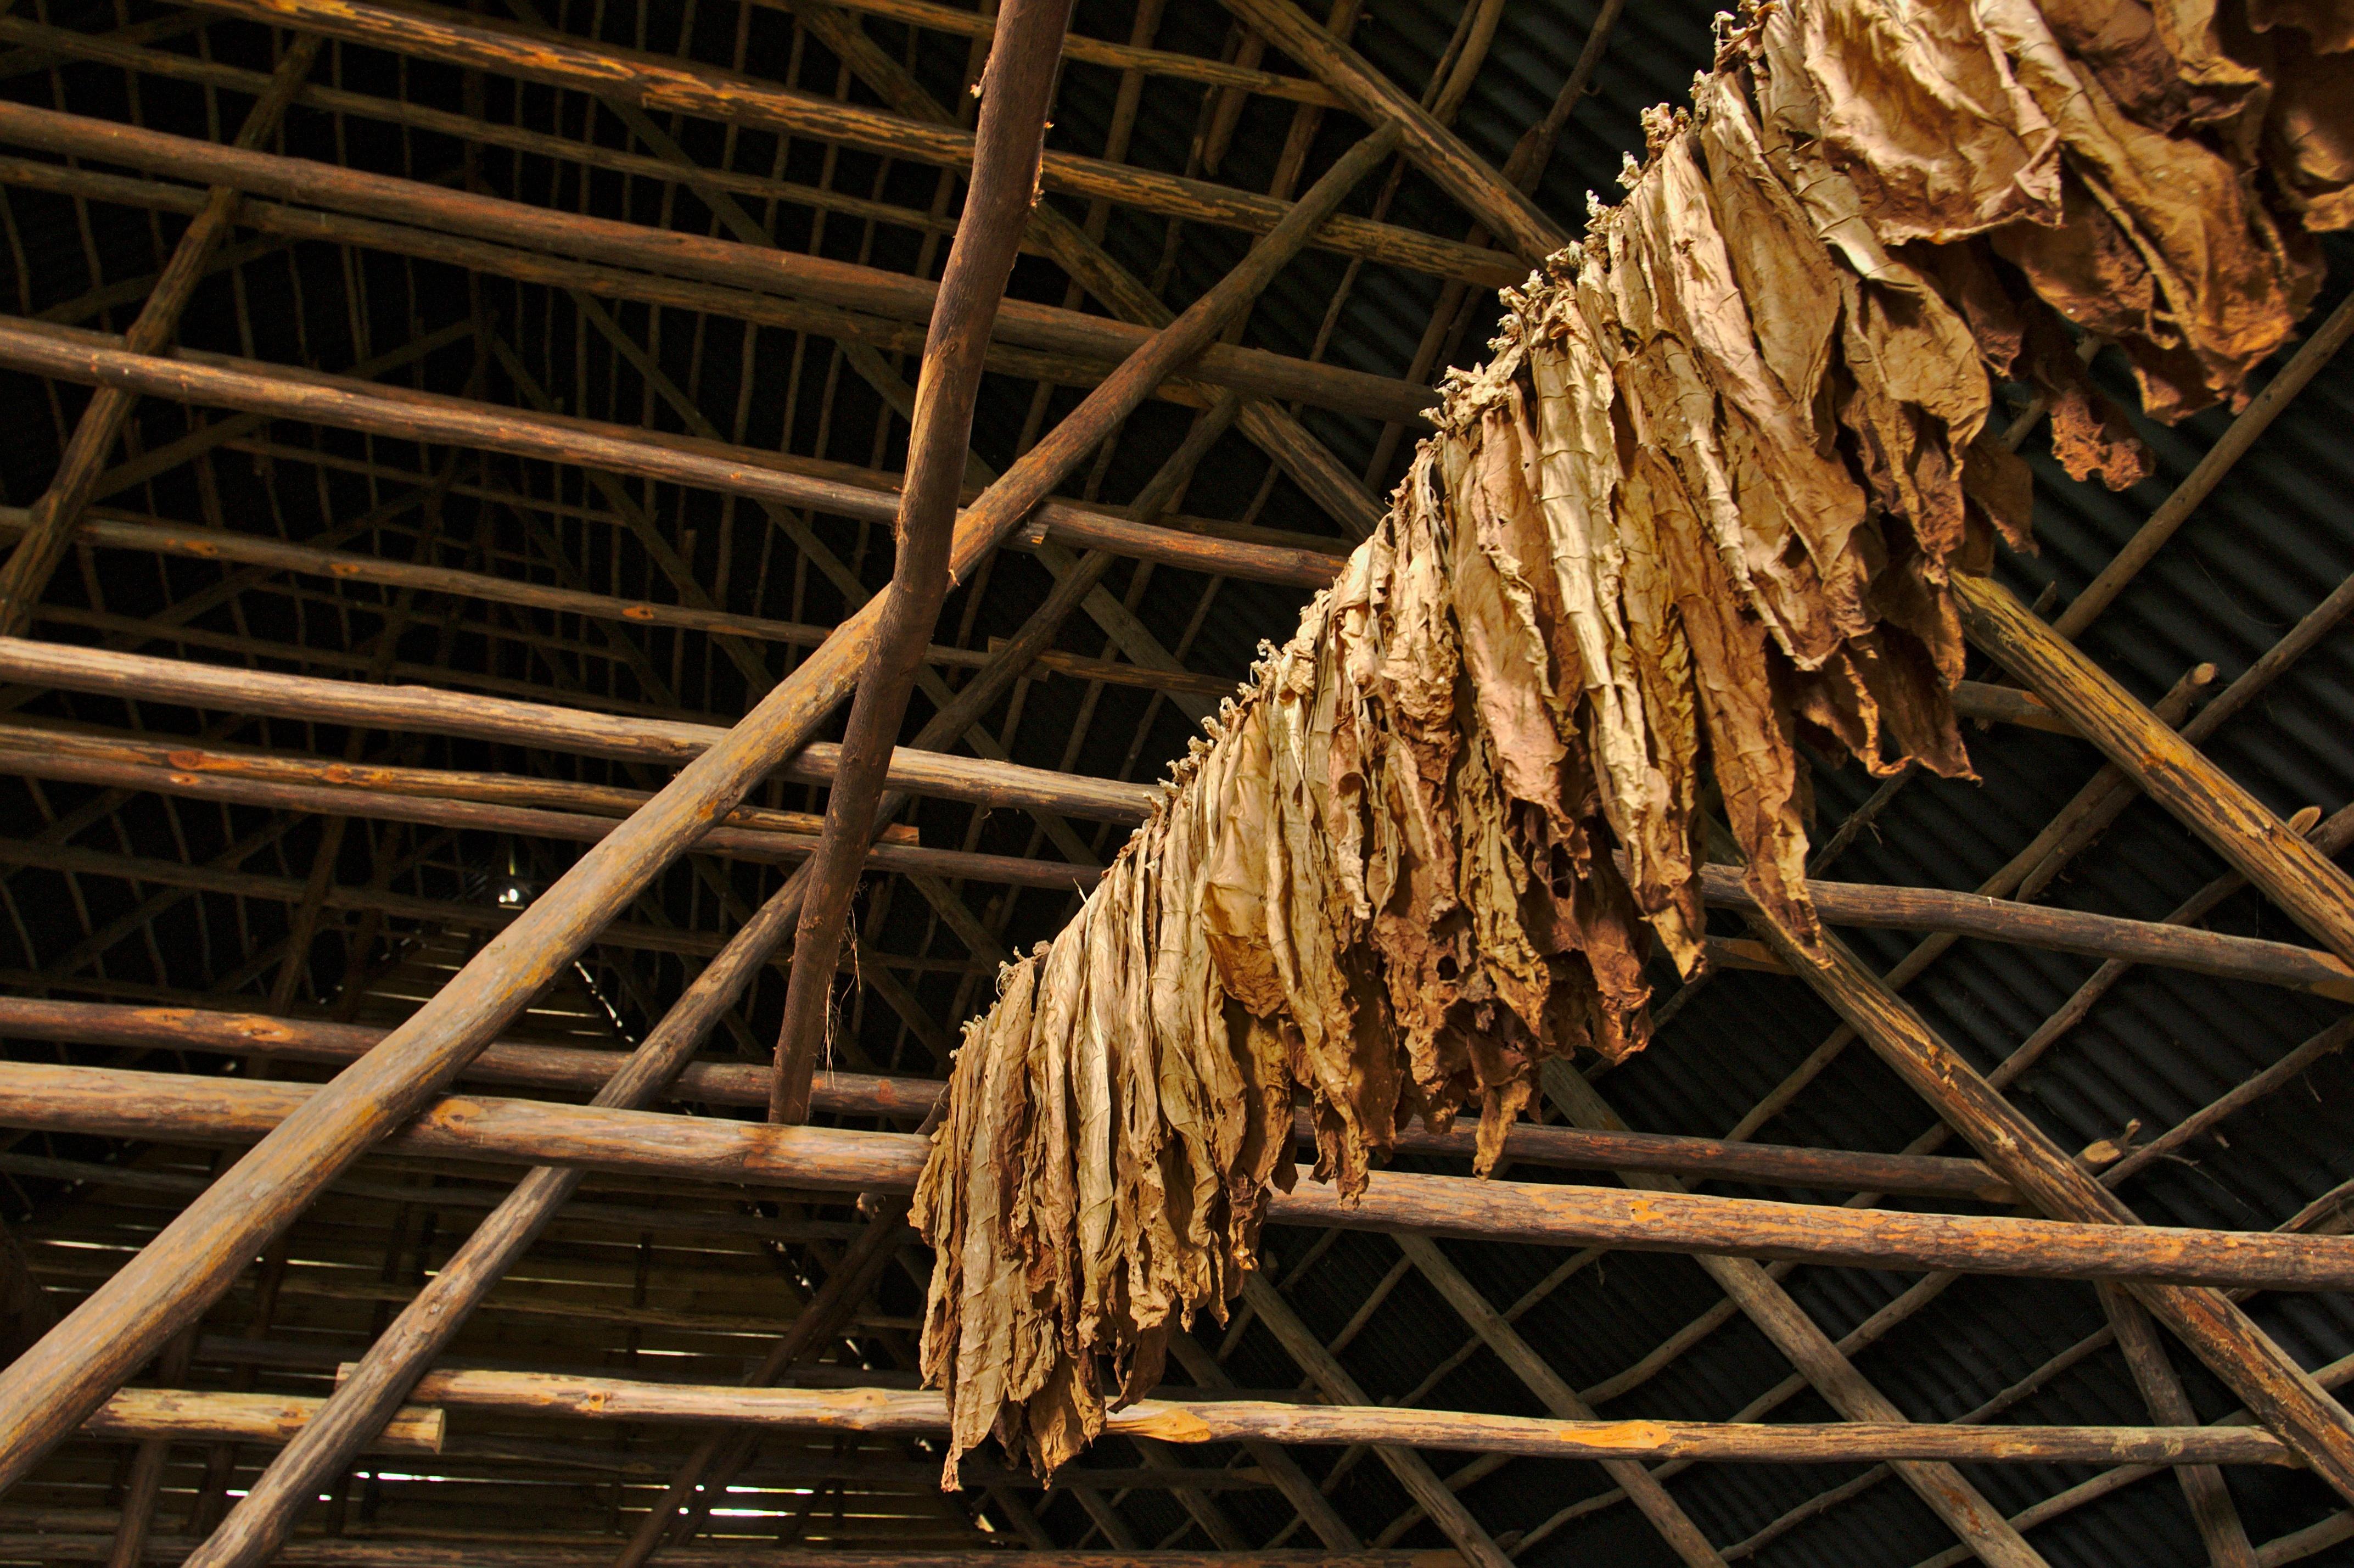 Tobacco_Air_Curing_Cuba2.jpg